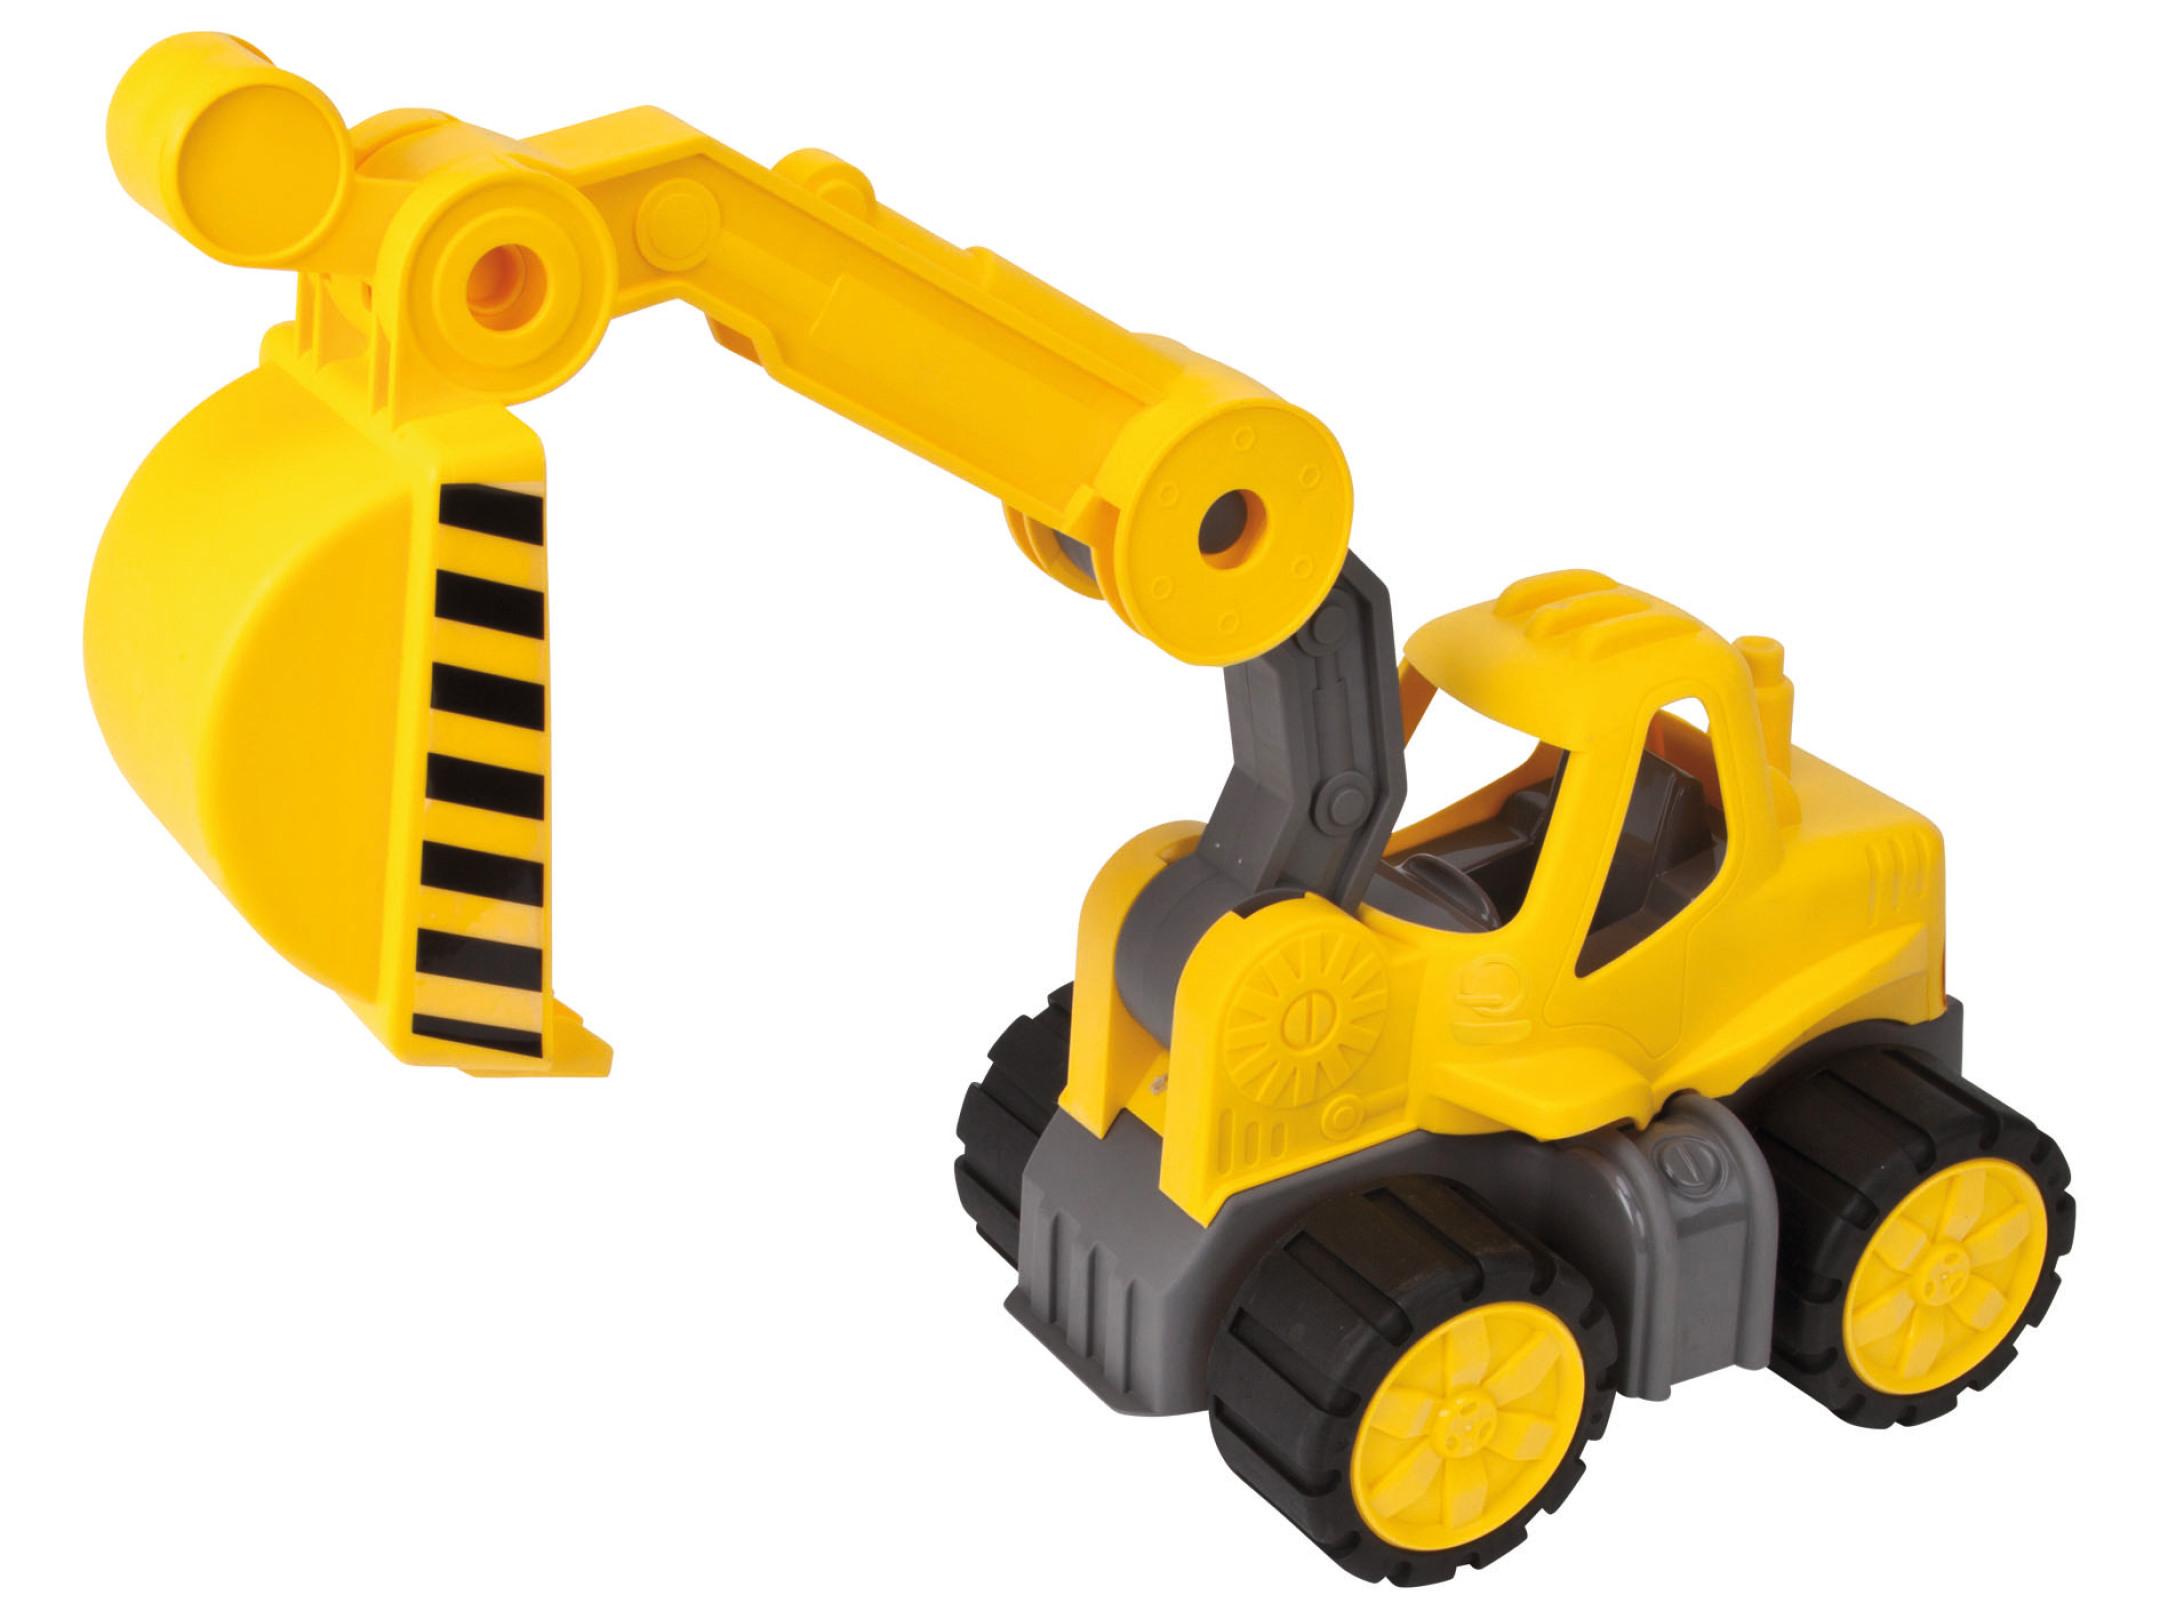 big power worker bagger gelb kinder spielzeug 56835 neu | ebay